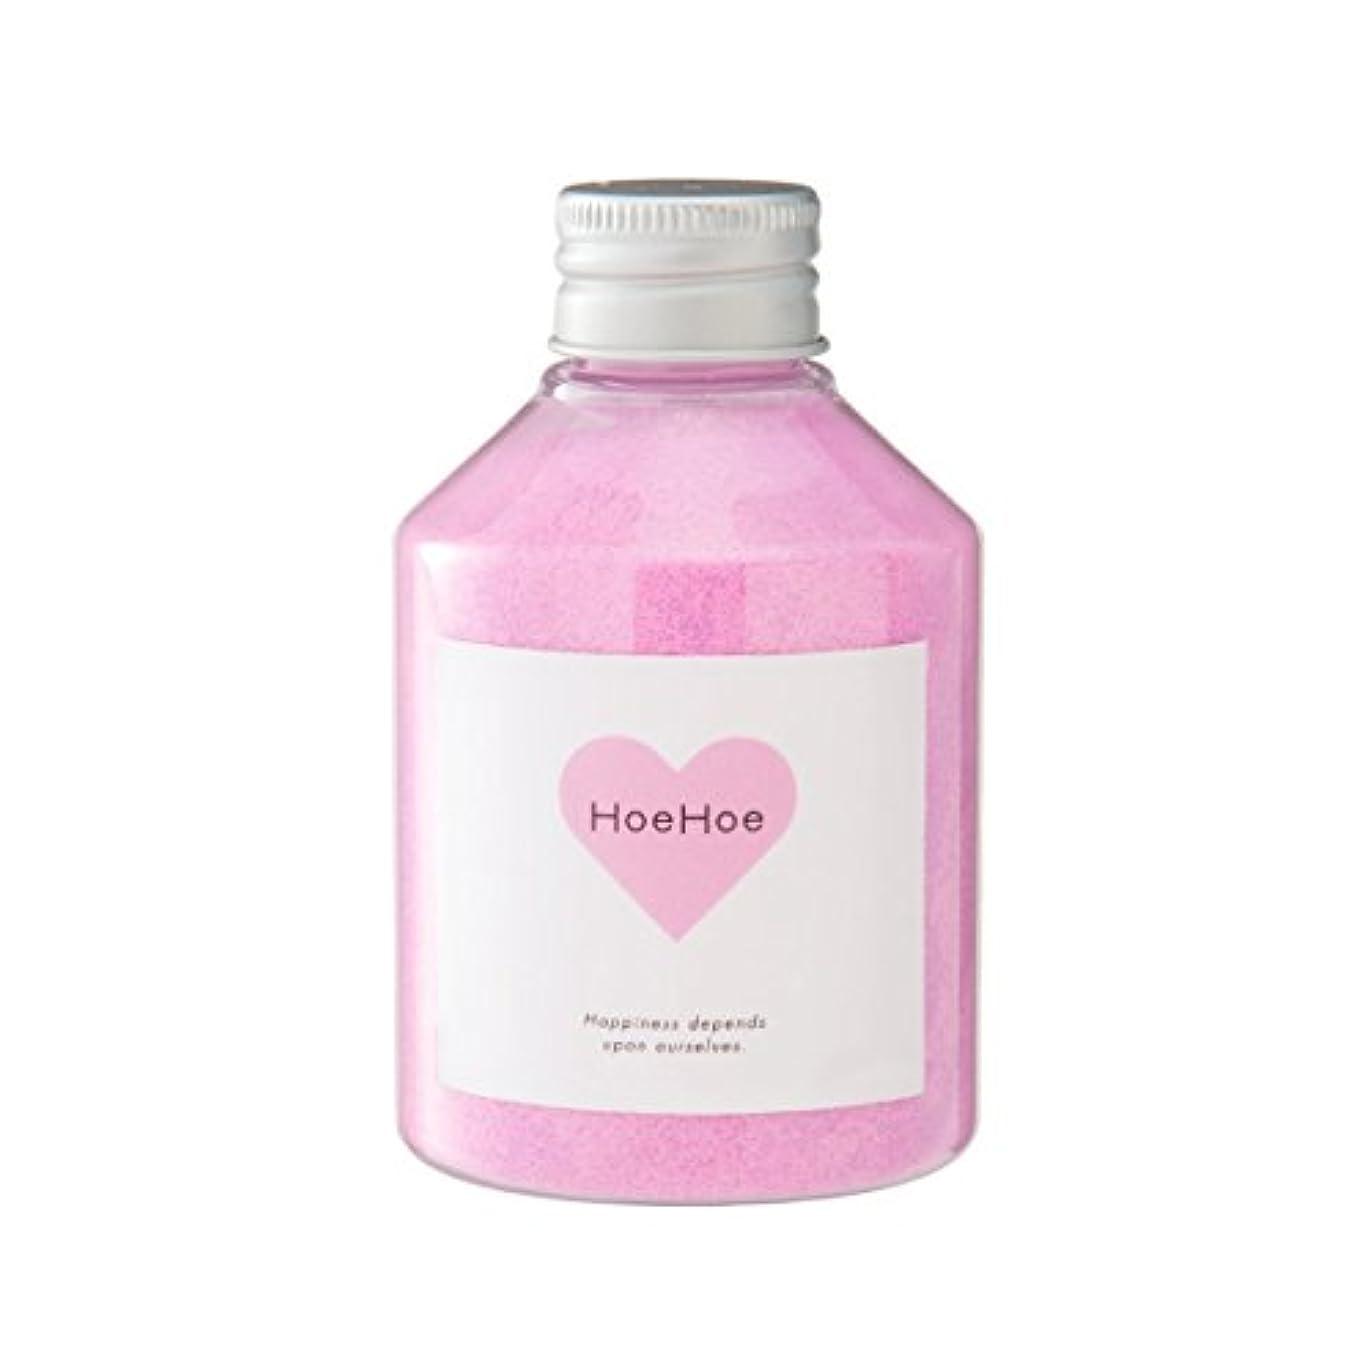 ネブく細菌HoeHoe Bath Powder ホエホエ バスパウダー ラベンダーの香り